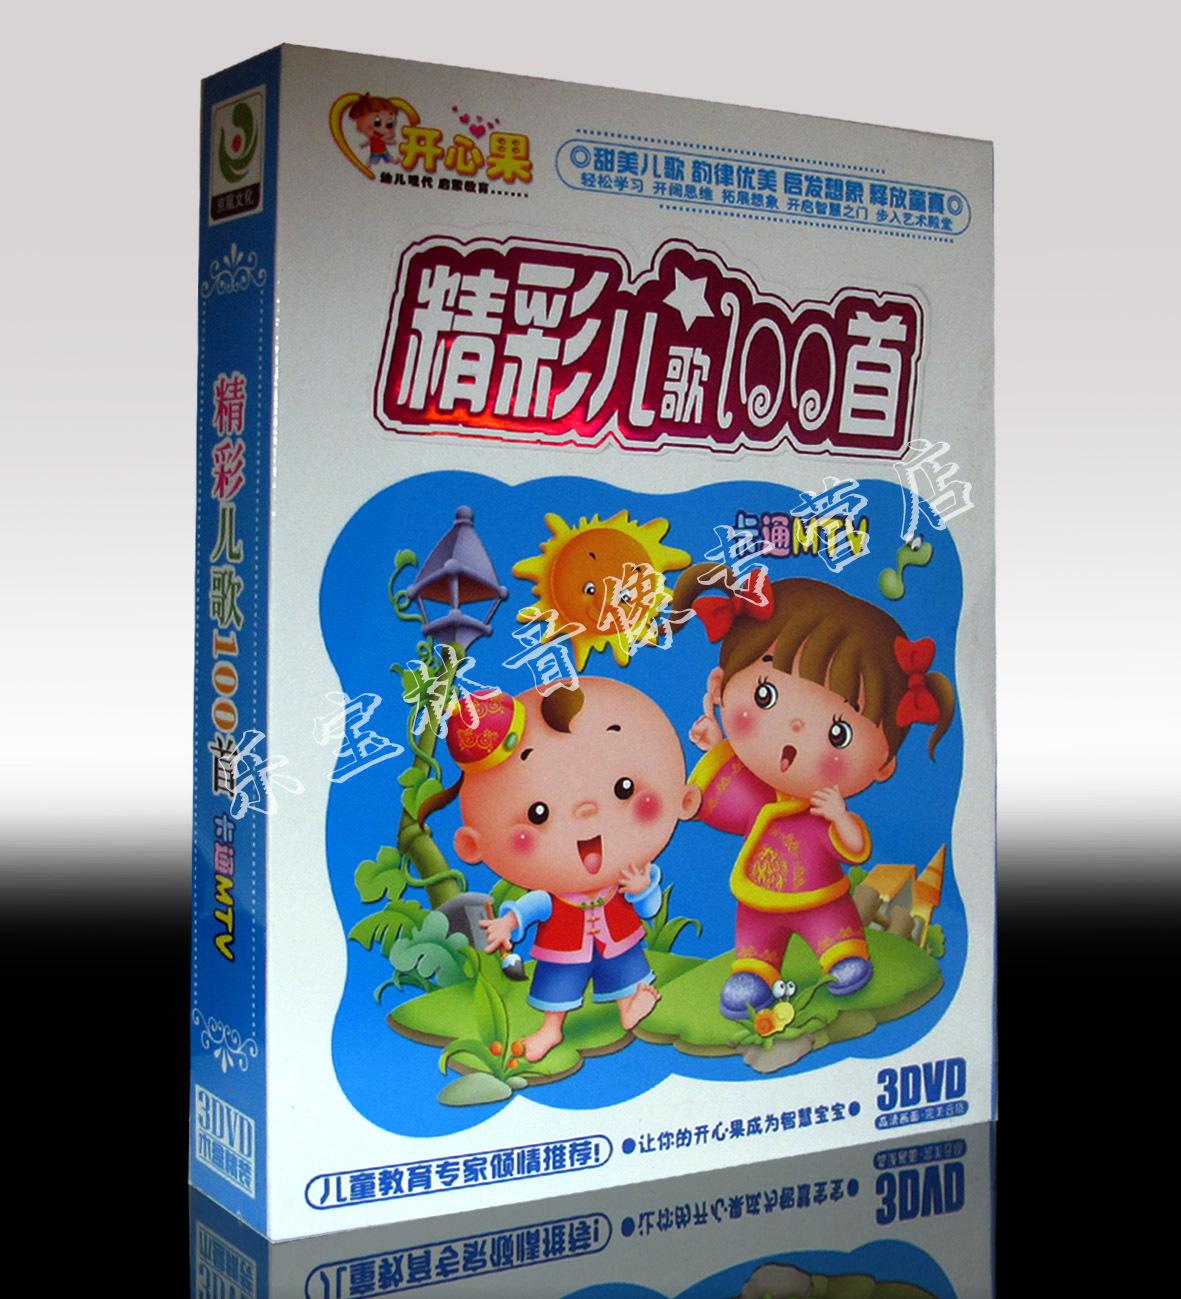 Развивающее видео для детей Замечательные стишки 100 песен для малышей дети ребенок головоломки классические детские стишки песни, видео CD DVD диска караоке